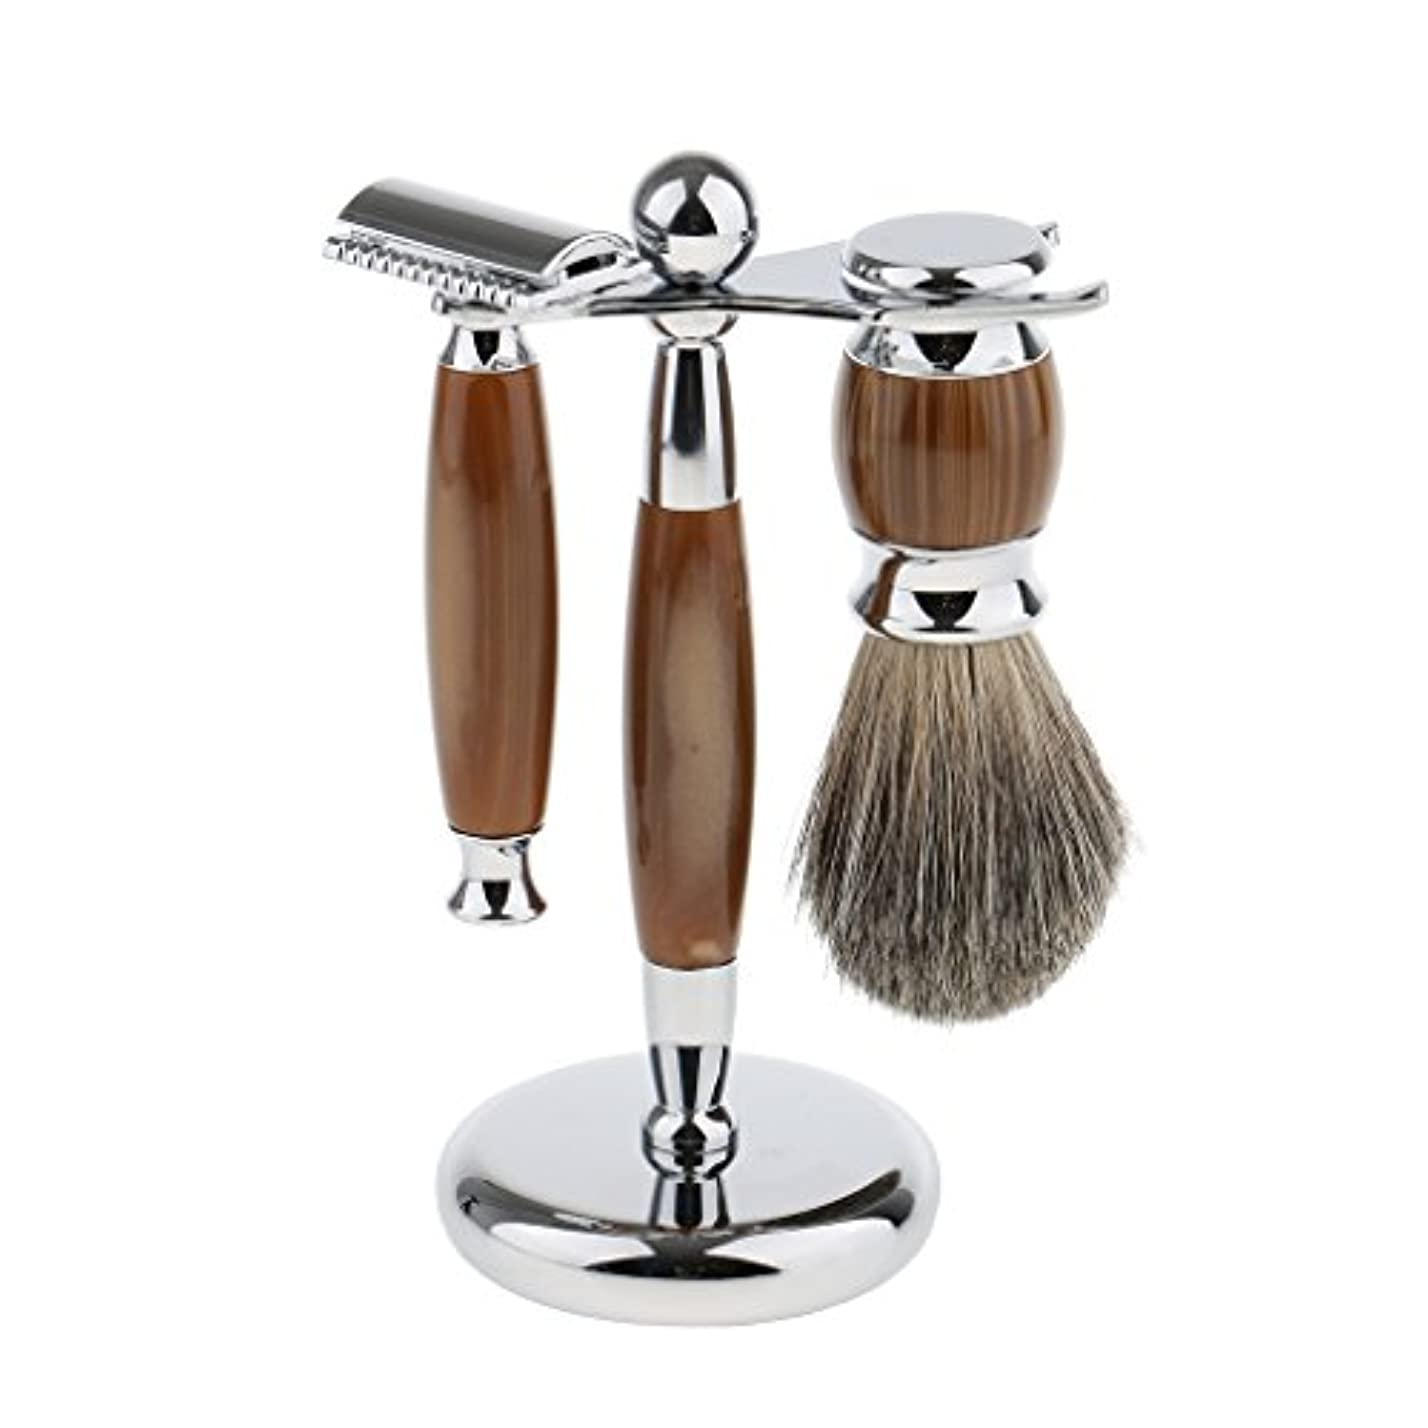 ドアミラー粘り強いご飯Baoblaze 3点入り シェービング スタンド ブラシ マニュアル ダブルエッジ 髭剃り メイク レトロ プレゼント 3色選べ - タイプ3